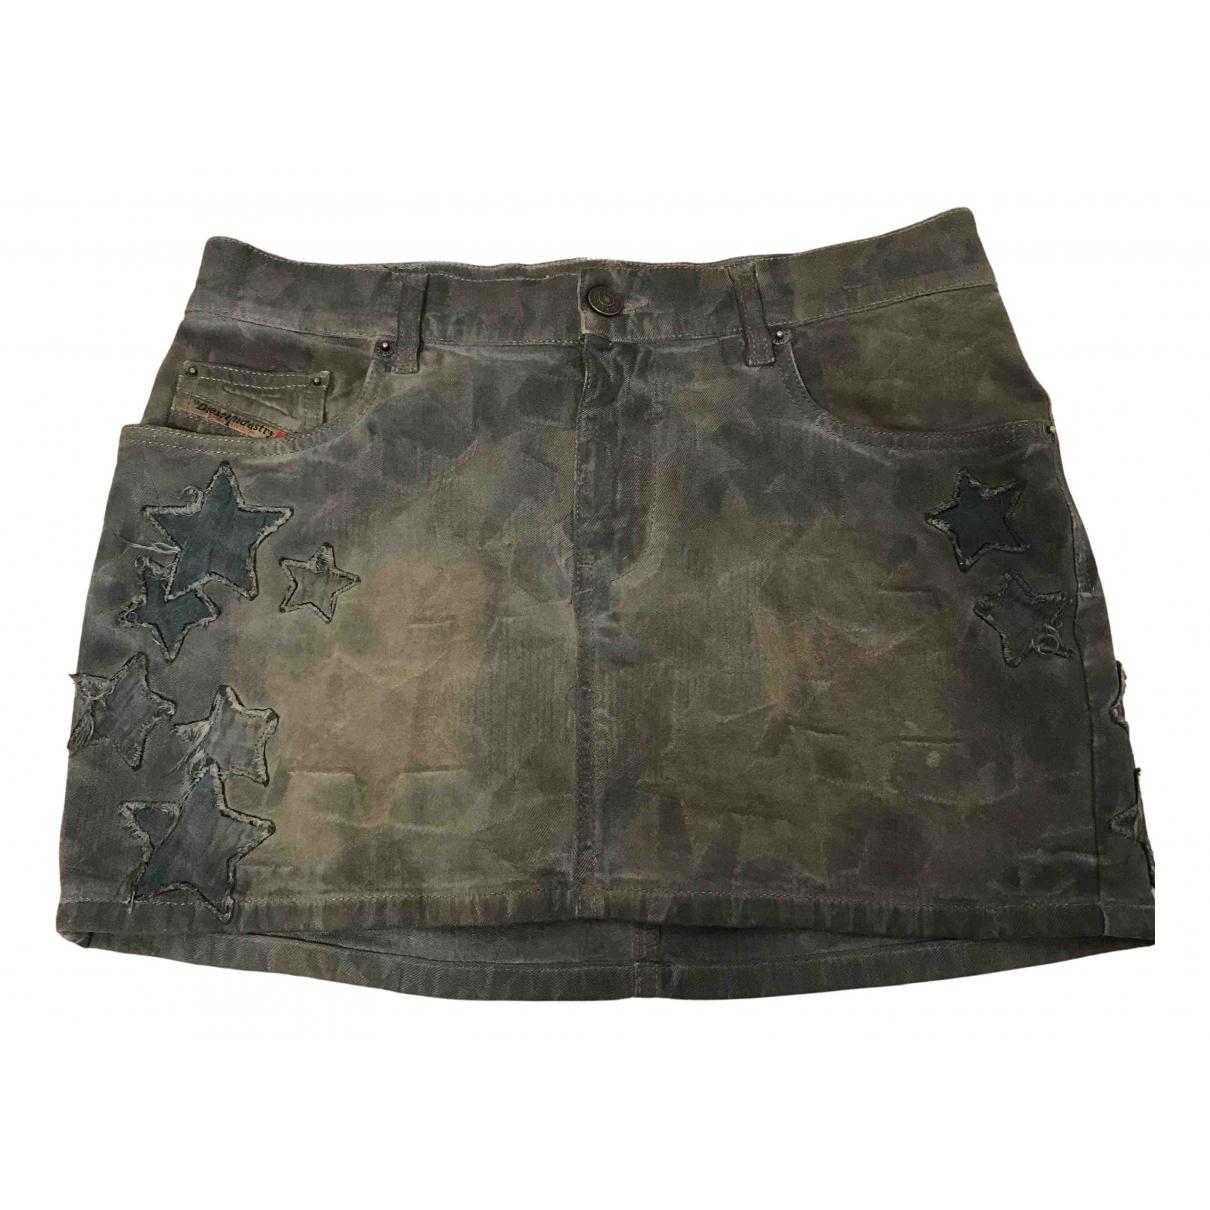 Diesel - Jupe   pour femme en coton - elasthane - gris